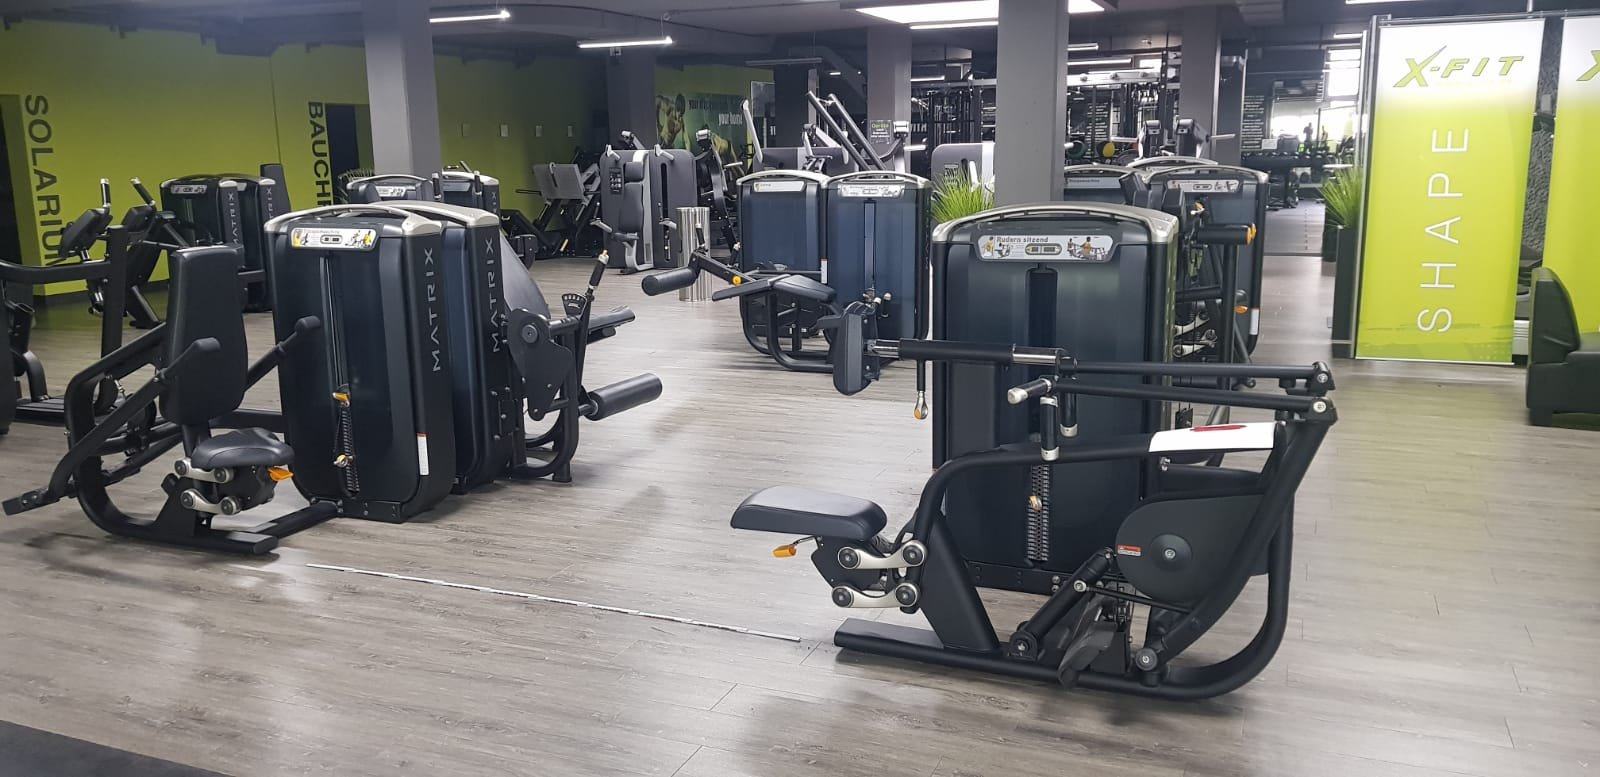 Corona-Krise beeinträchtigt Freizeitbranche: Fitnessclubs und Tanzschulen bangen um Existenz